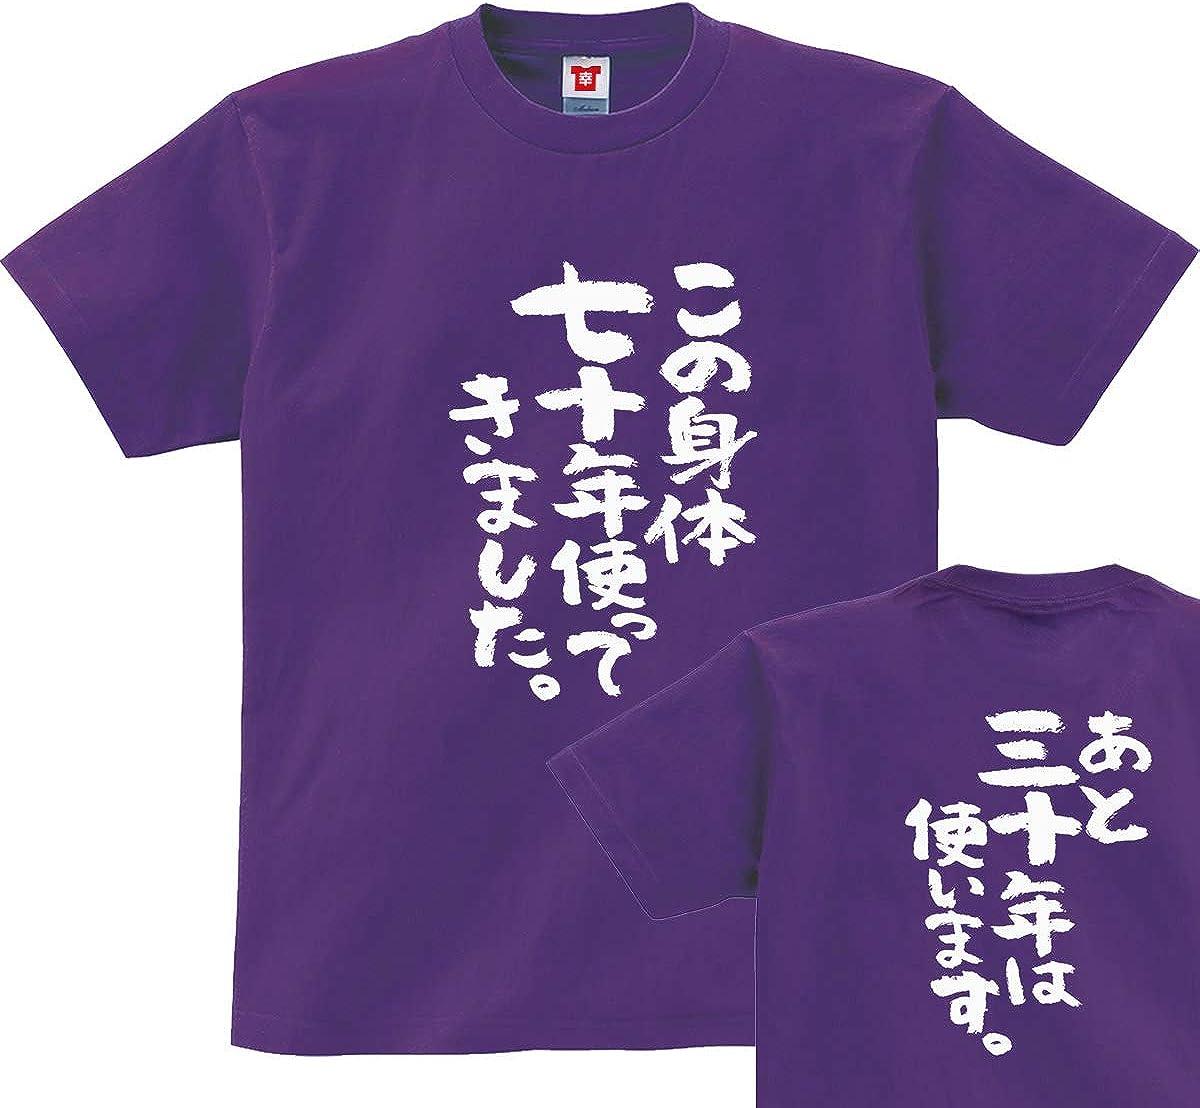 [幸服屋さん] 古希のお祝い Tシャツ 「この身体70年使ってきました」半袖 古希祝い 70歳 tシャツ ギフト ka300-43 L パープル